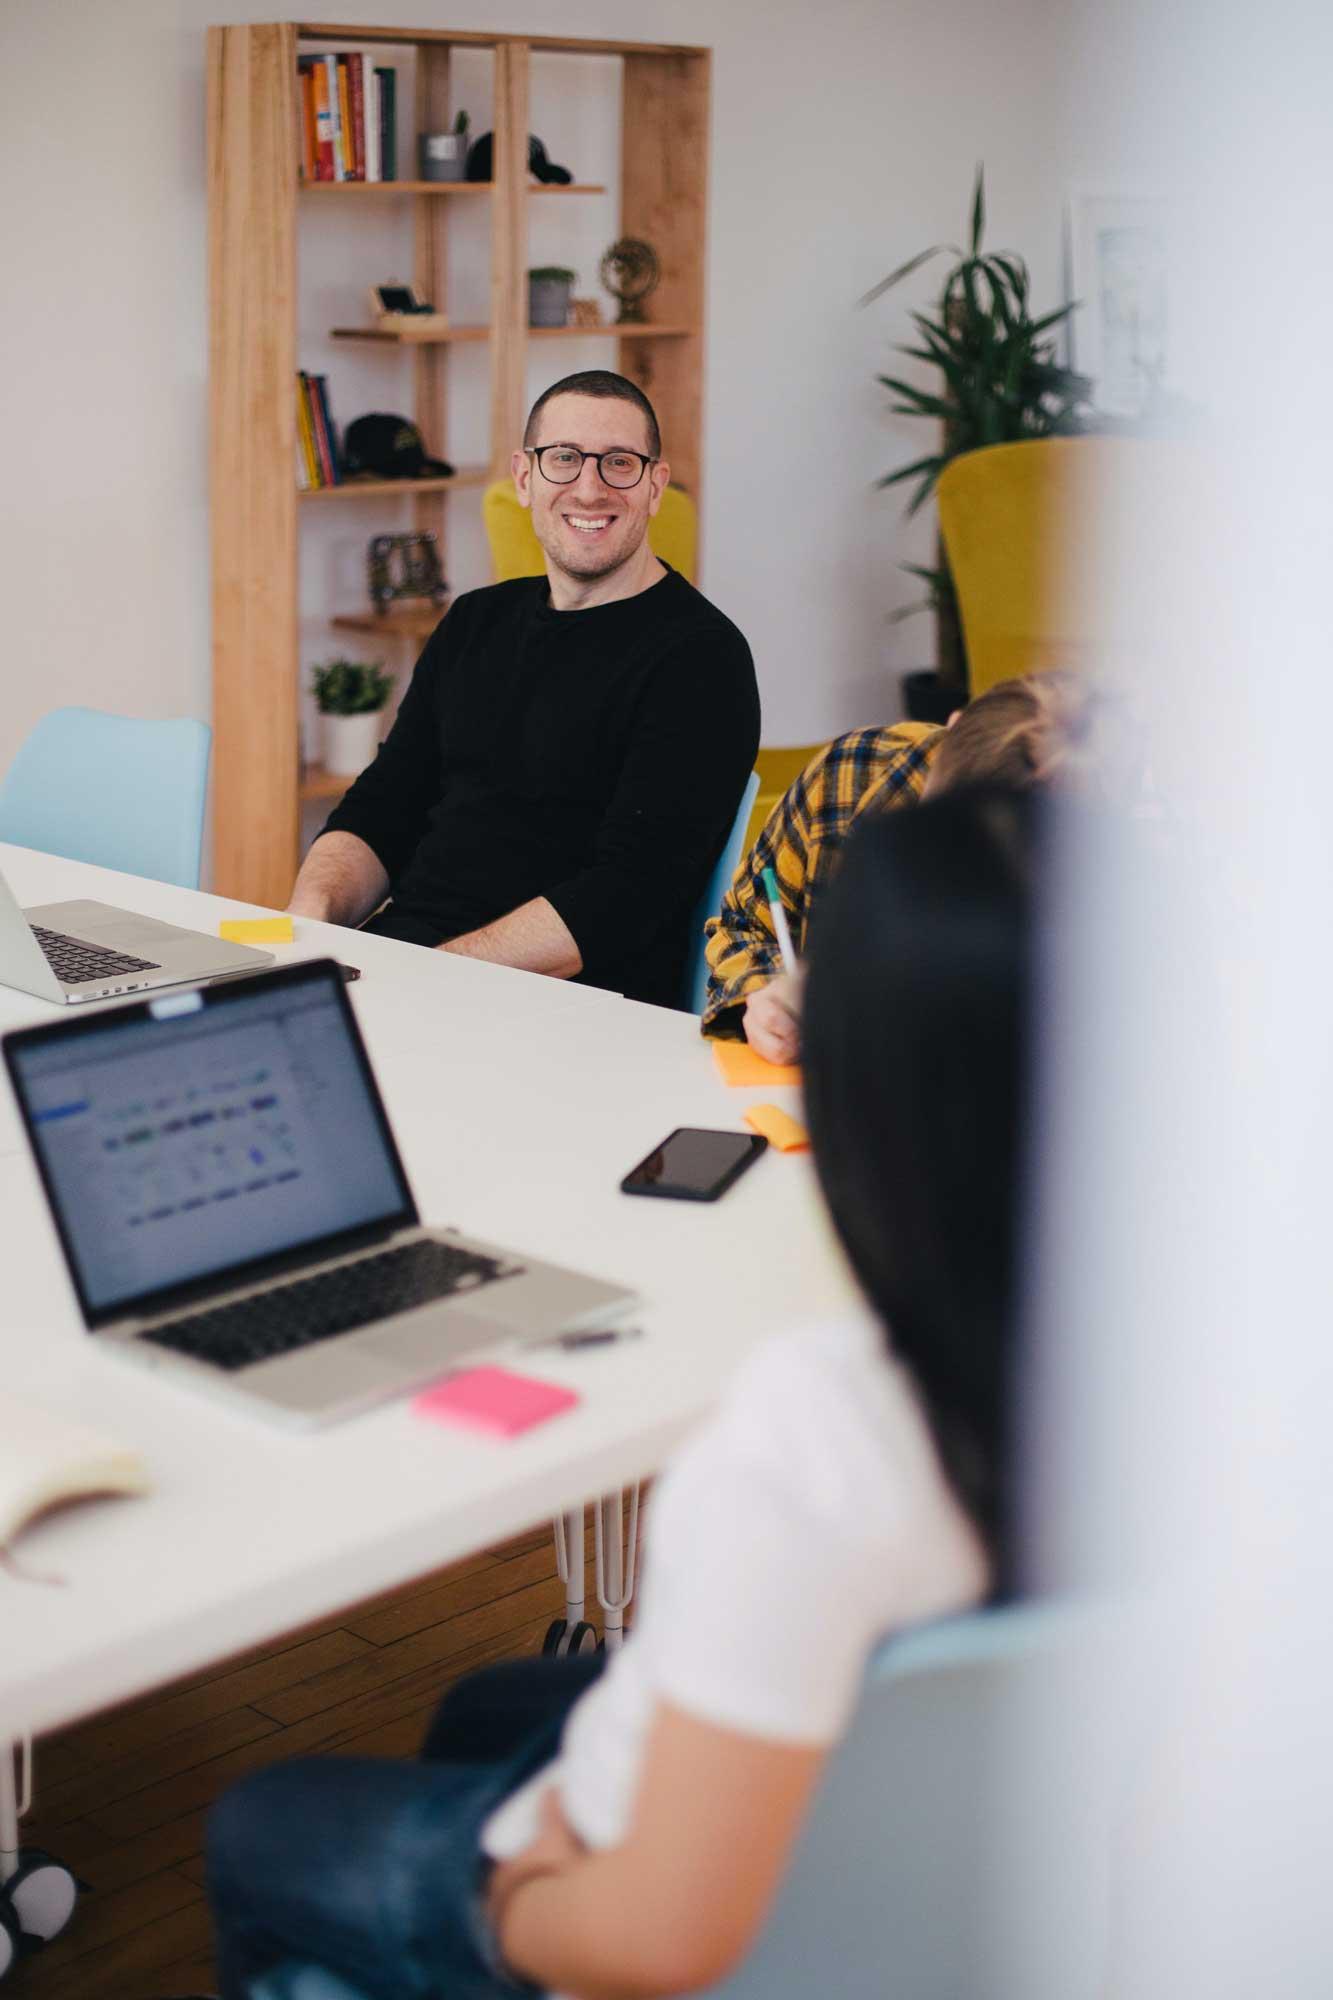 Drei Mitarbeiter einer Internetagentur sitzen am Meetingtisch